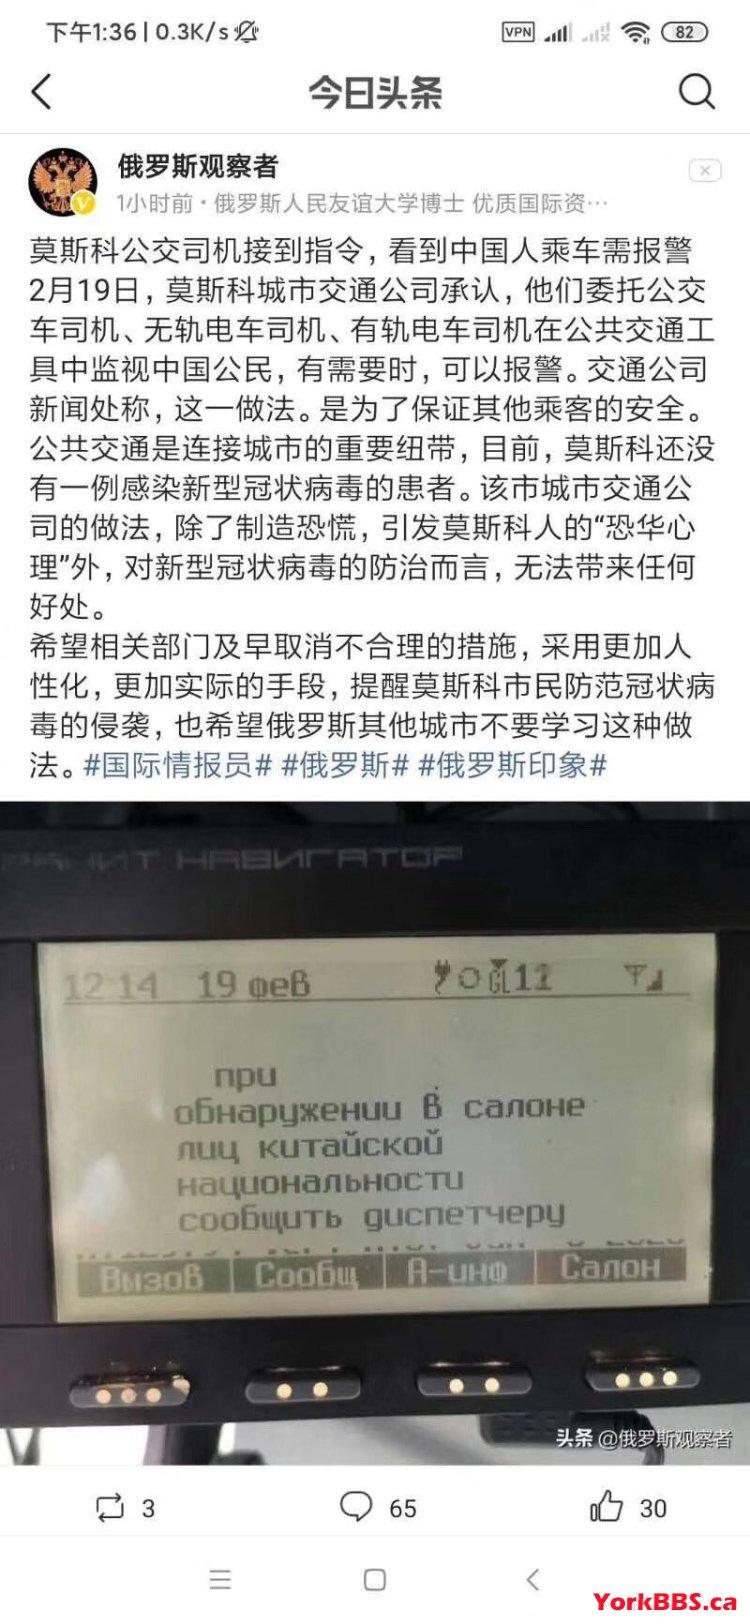 继俄罗斯决定对中国人封关以后,又出台新规定:在公共交通工具上看到中国人要报警。到处都是警察和便衣在查中国人。中国人已如过街老鼠...今天去过莫斯科机场——门可罗雀。俄国人知道了什么,做如此之决定?